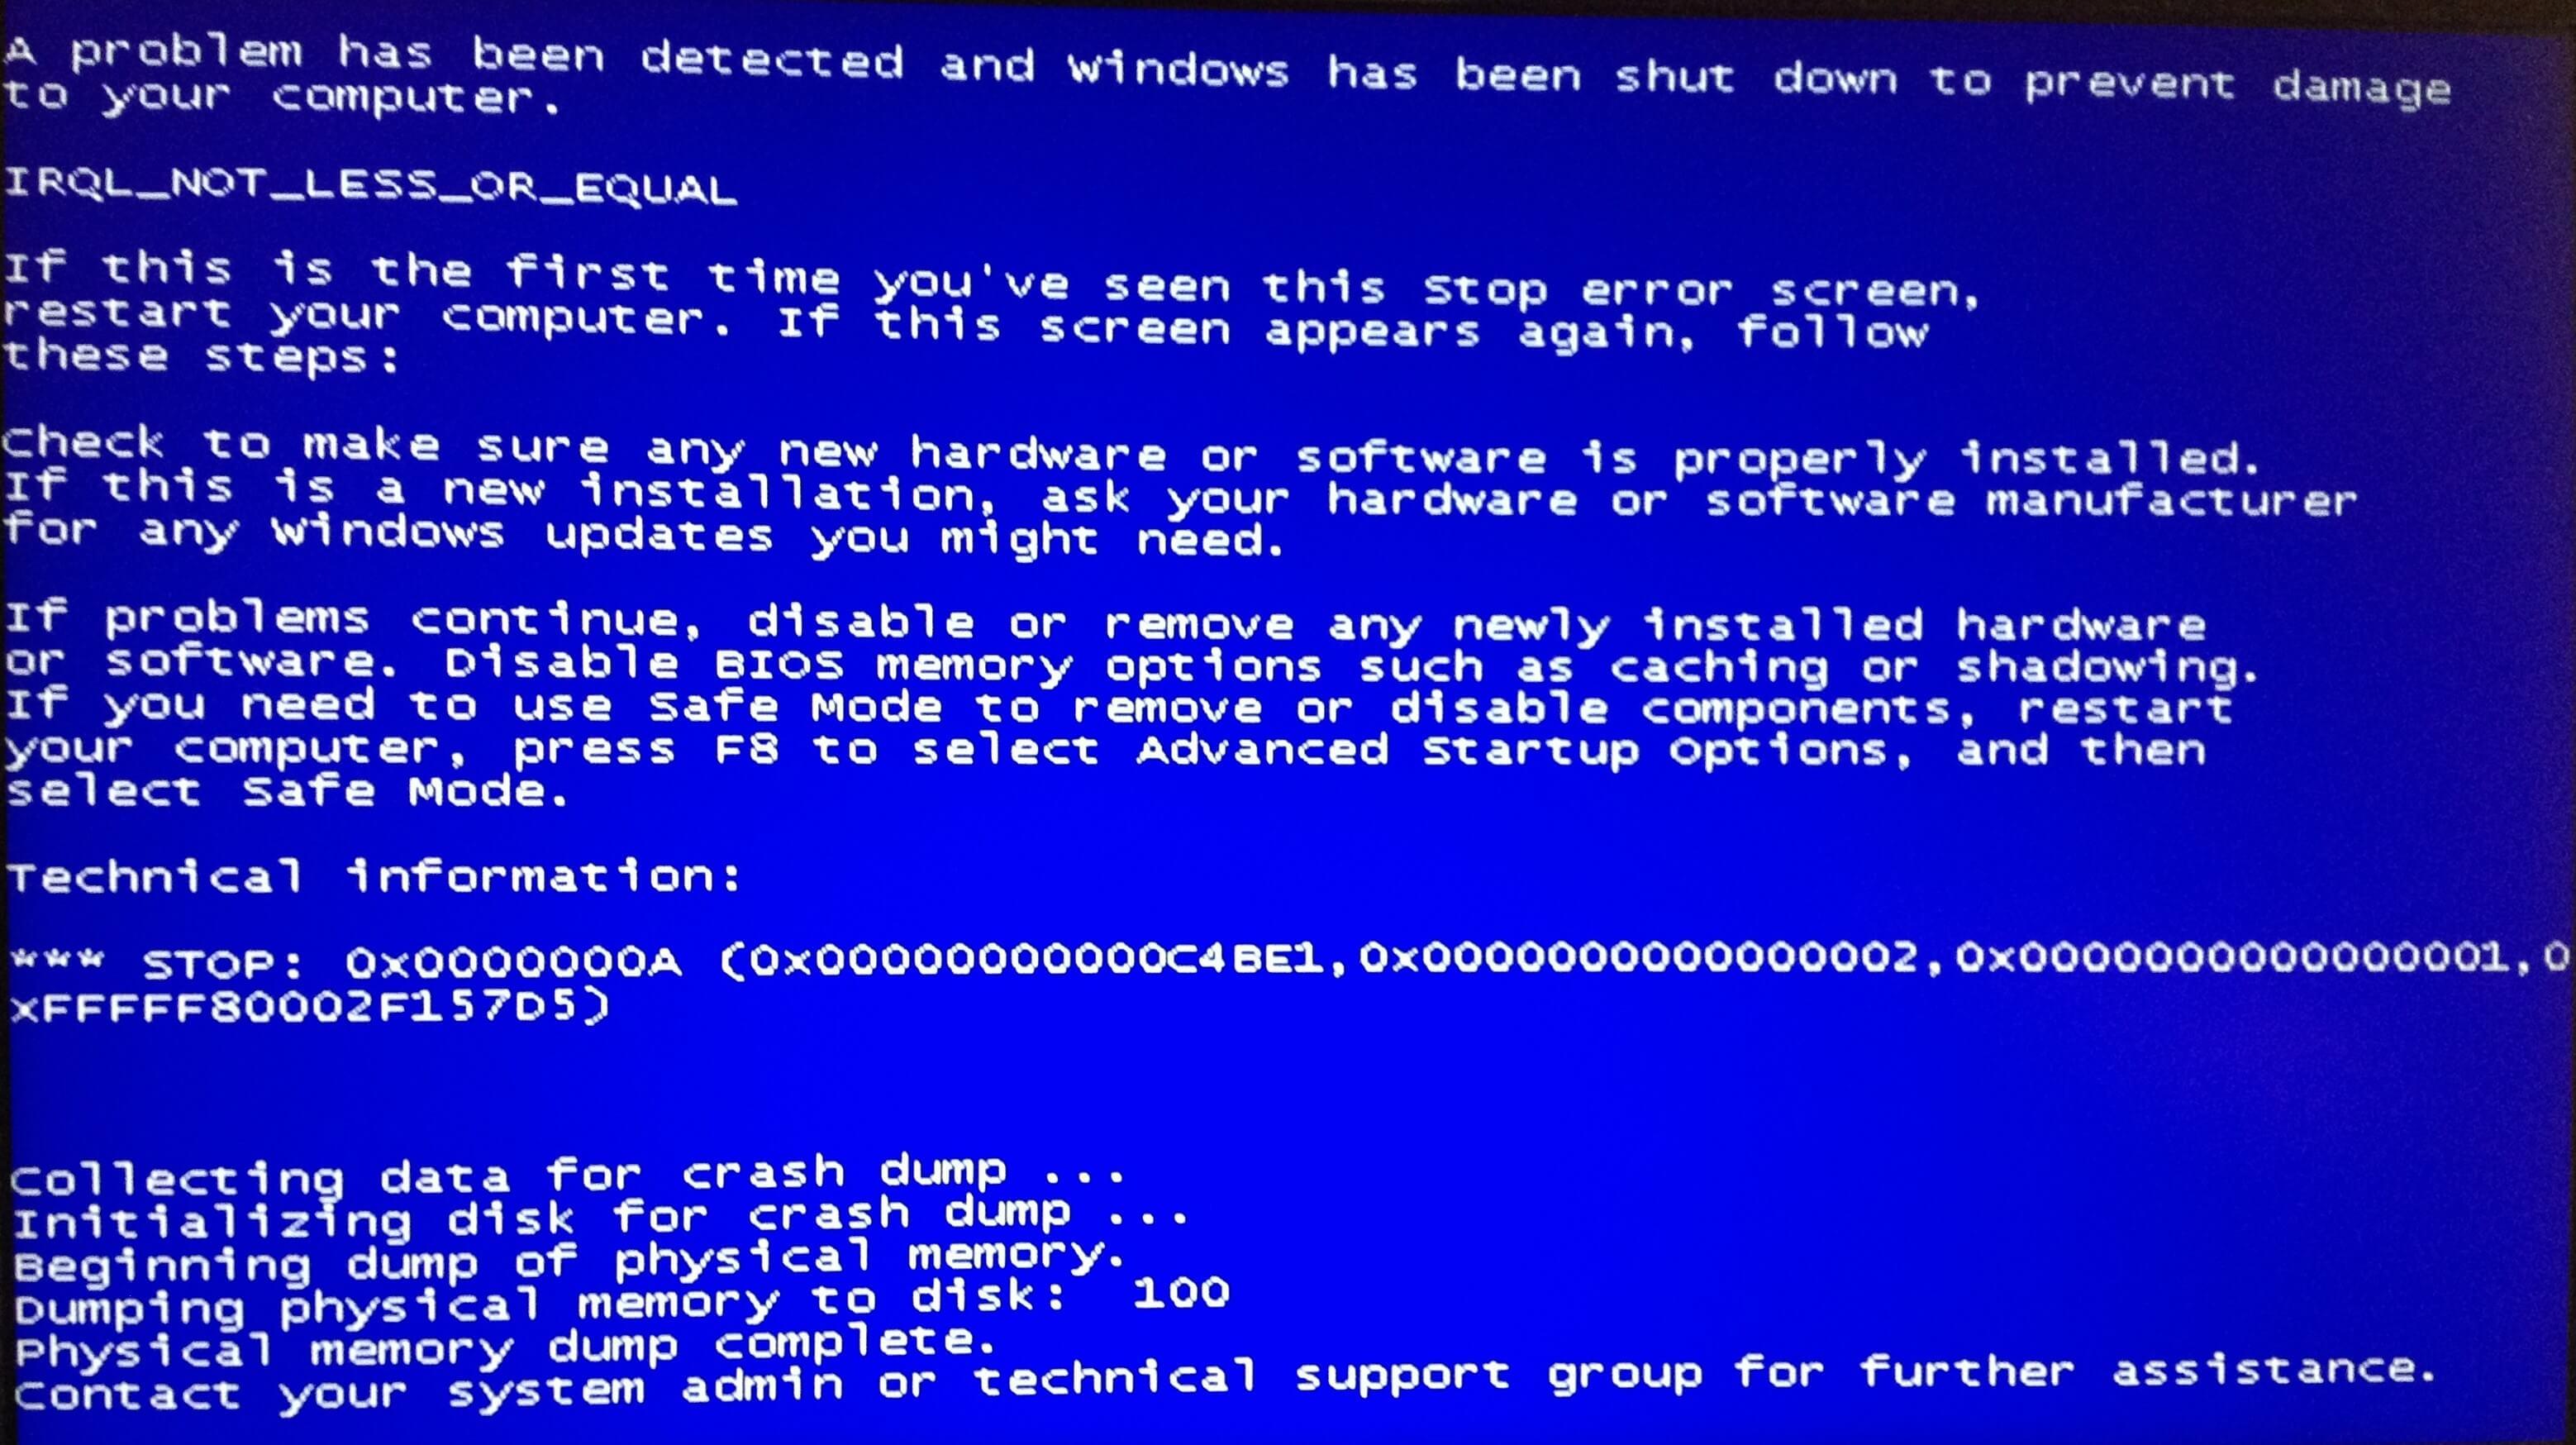 mavi ekran hatası nedenleri ve Çözümleri  -2- Mavi Ekran Hatası Nedenleri ve Çözümleri  -2- lp3r6